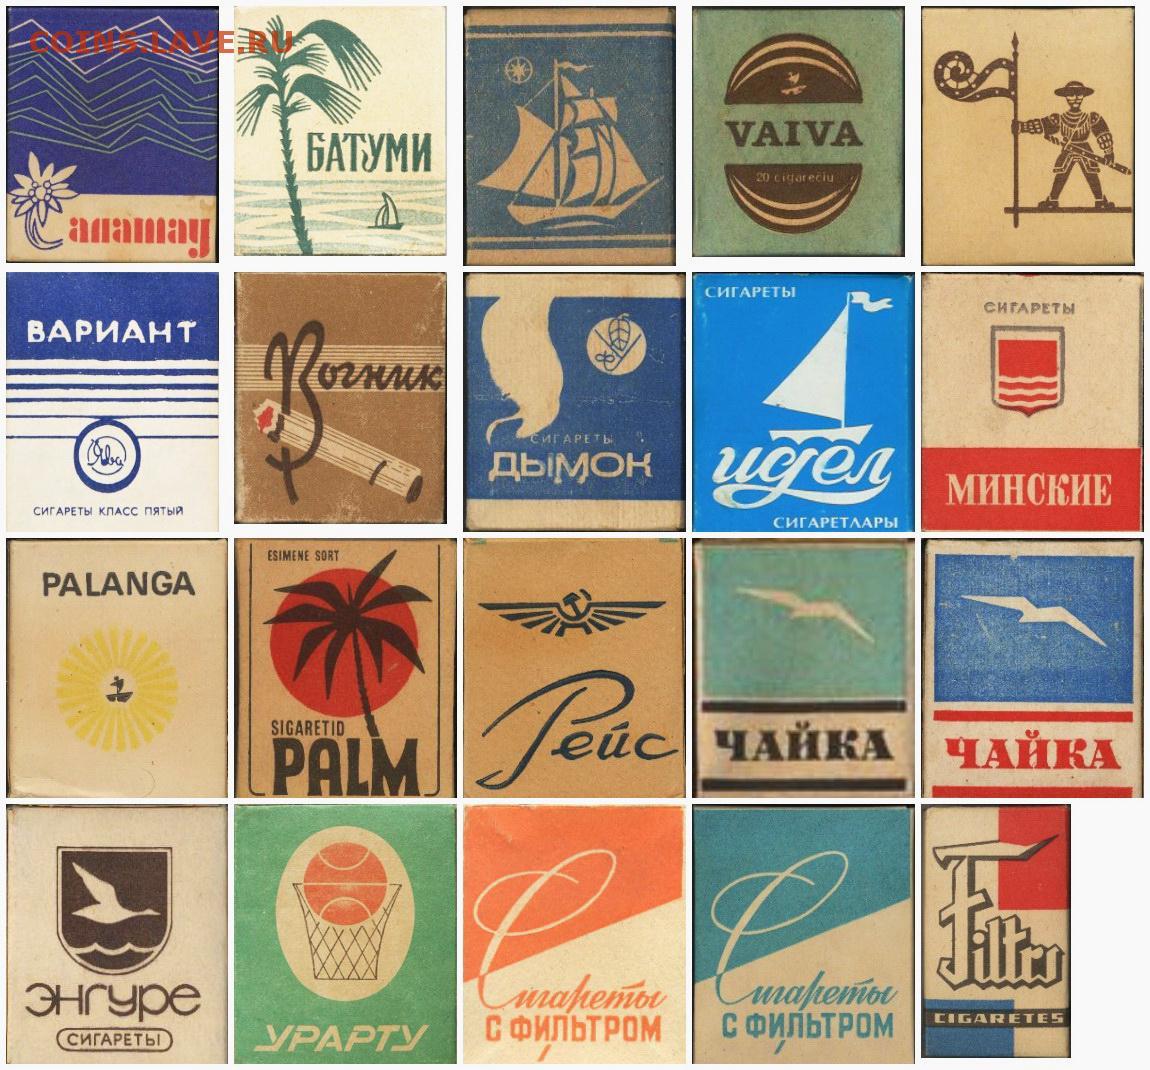 Куплю сигареты в россии сигареты ту 134 купить ссср